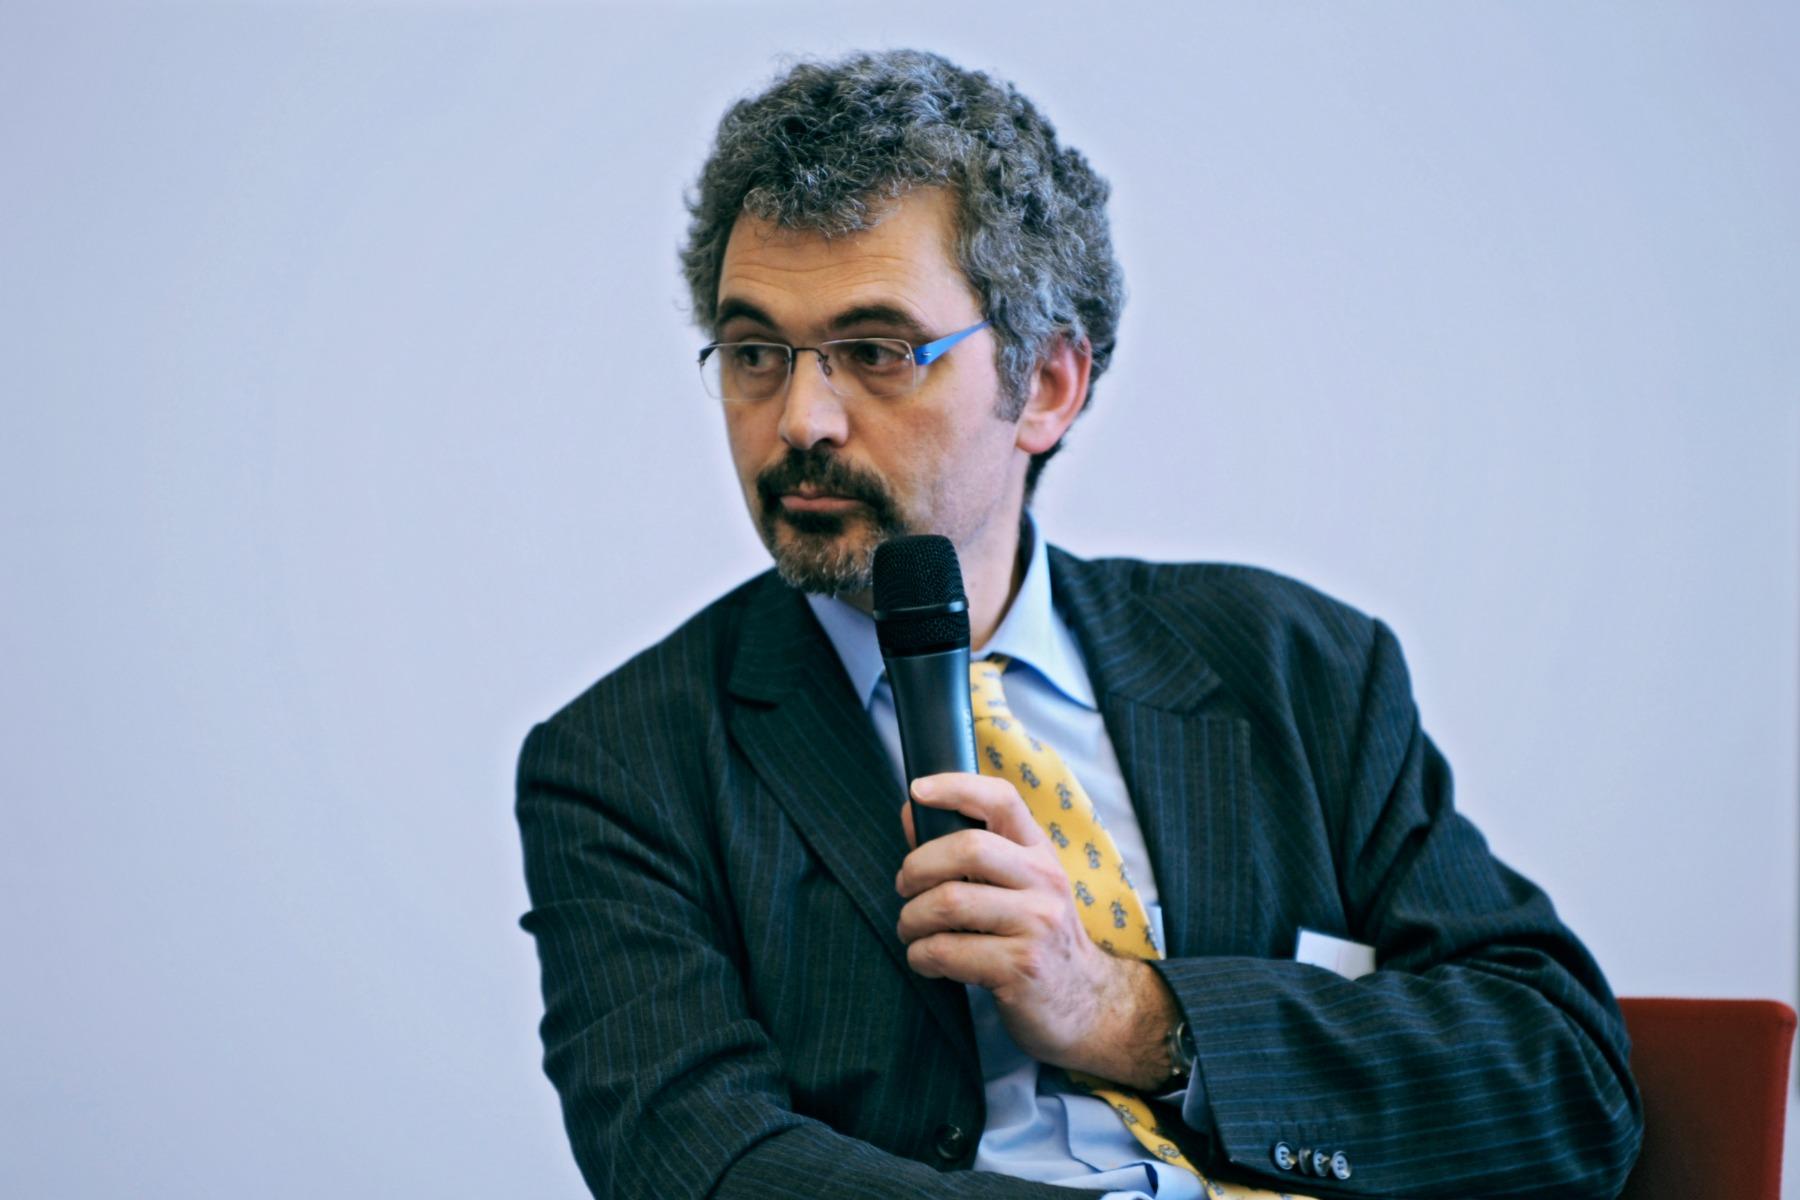 Christophe Leclercq [Lisbon Council]